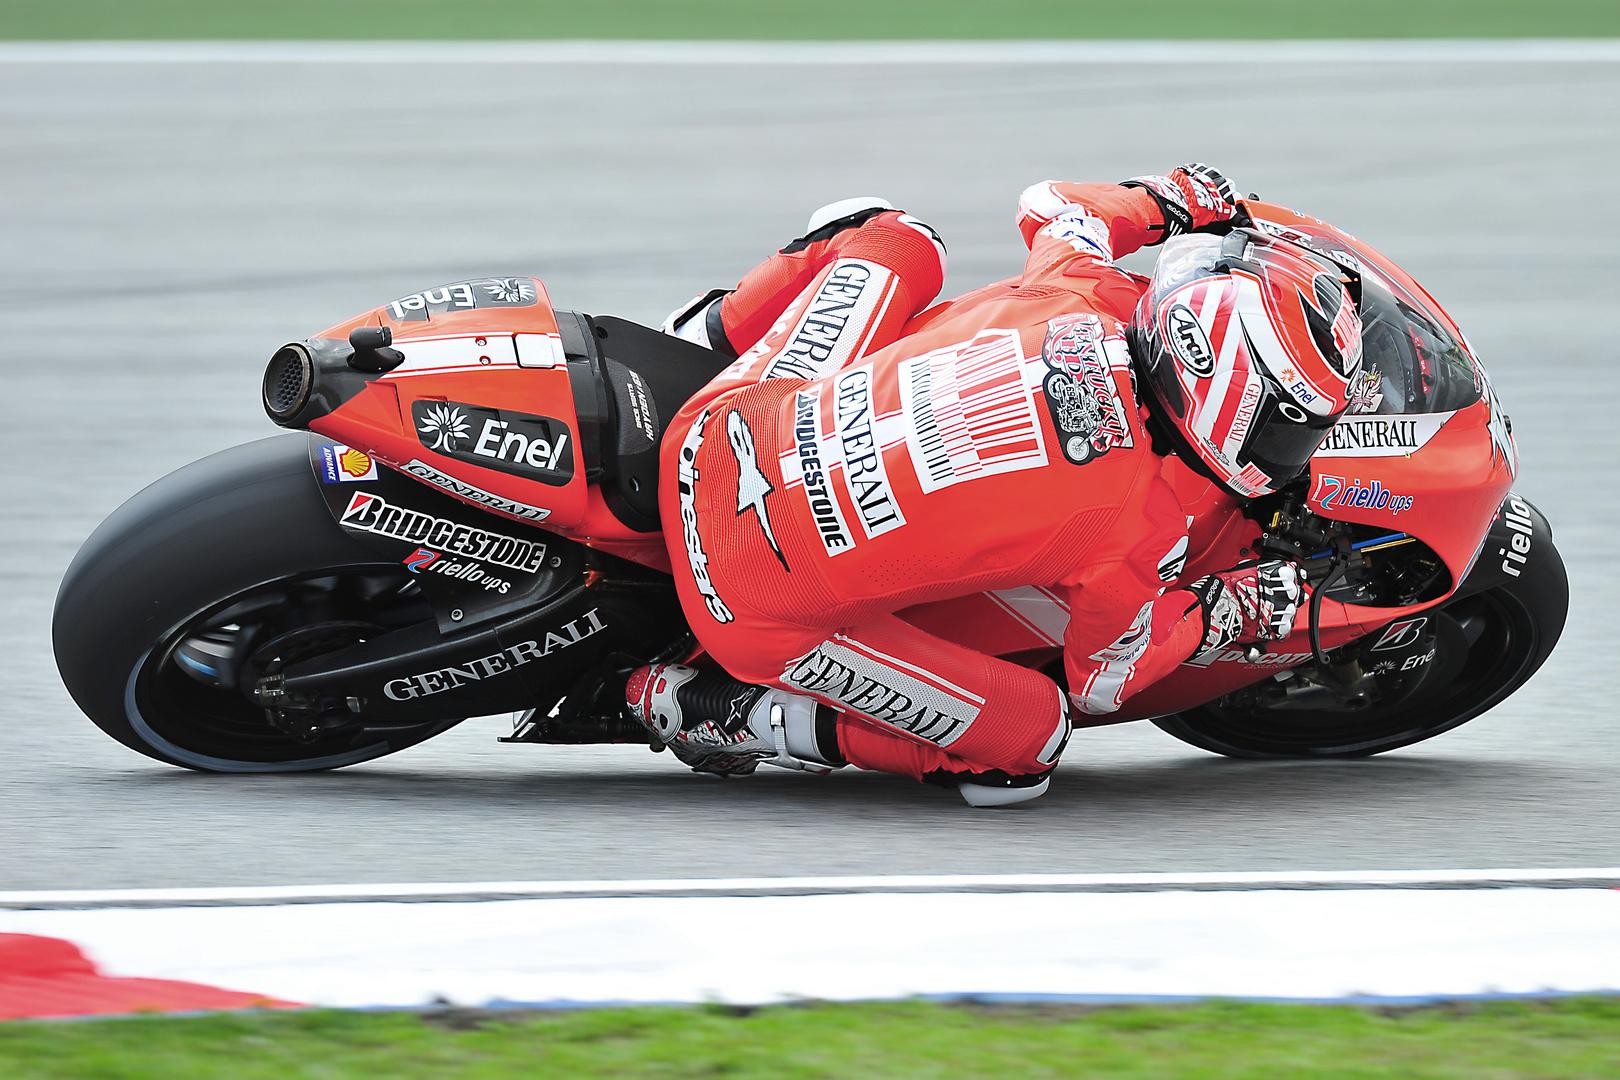 Nicky Hayden startet von Platz 2 in Malaysia